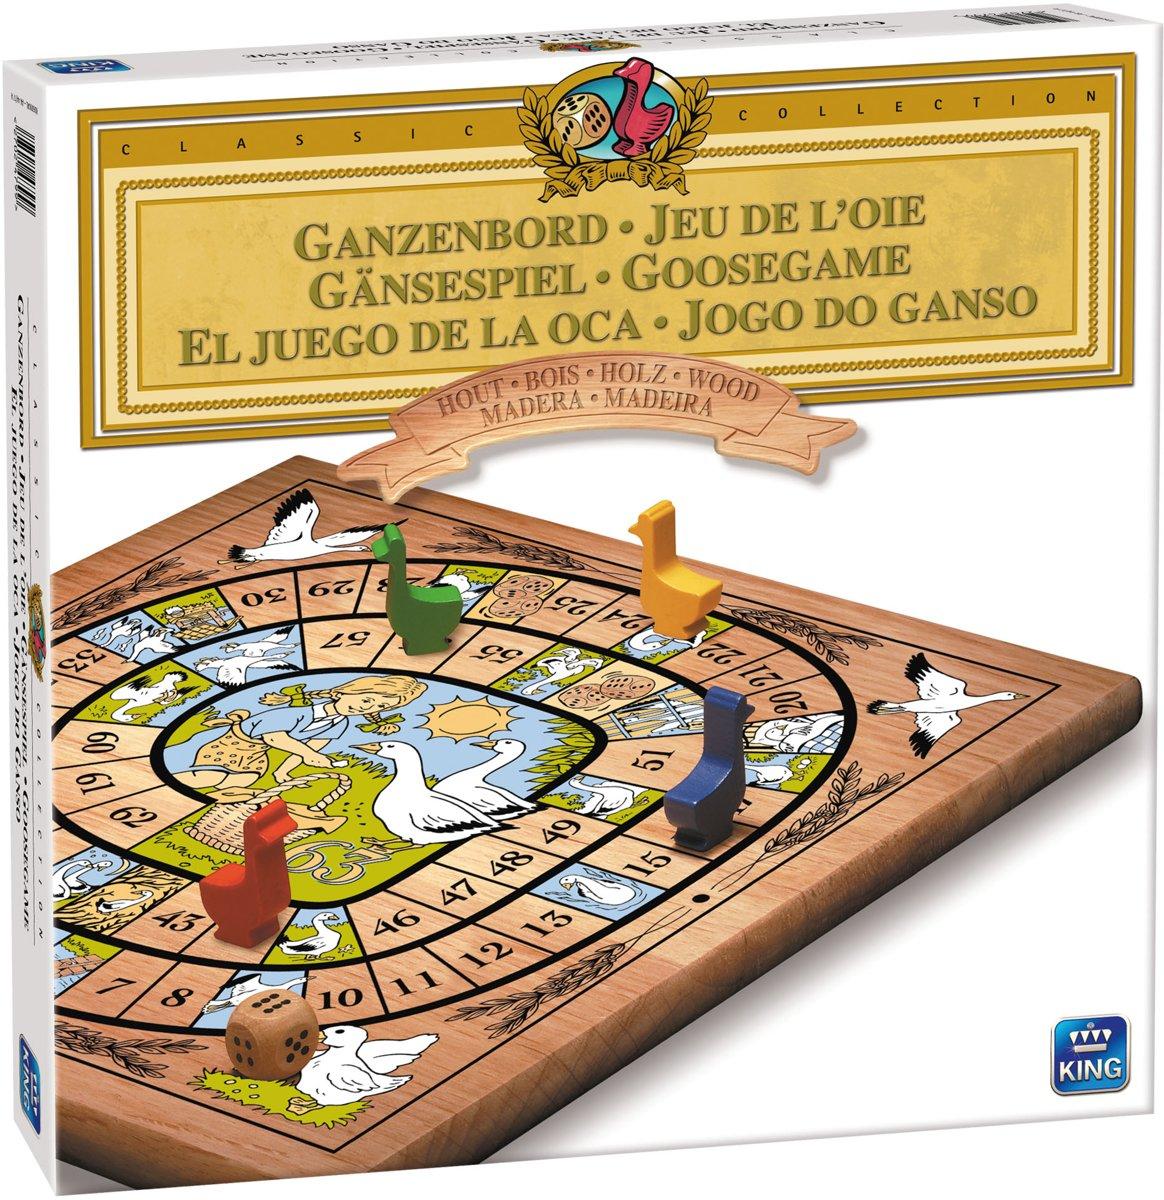 Ganzenbord Bordspel Hout - King - Met Houten Speelfiguren